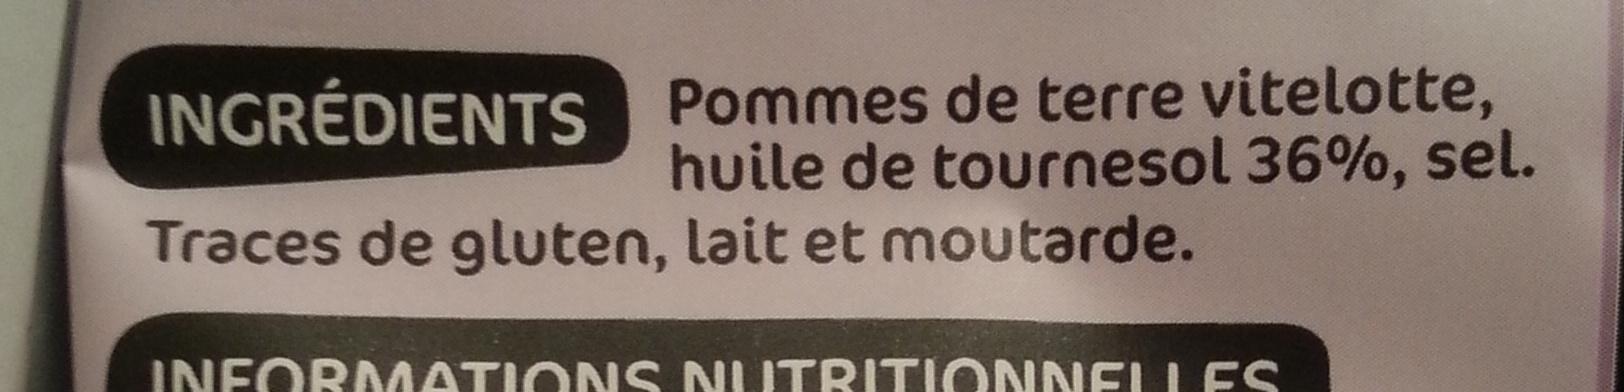 Chips vitelotte - Ingrediënten - fr